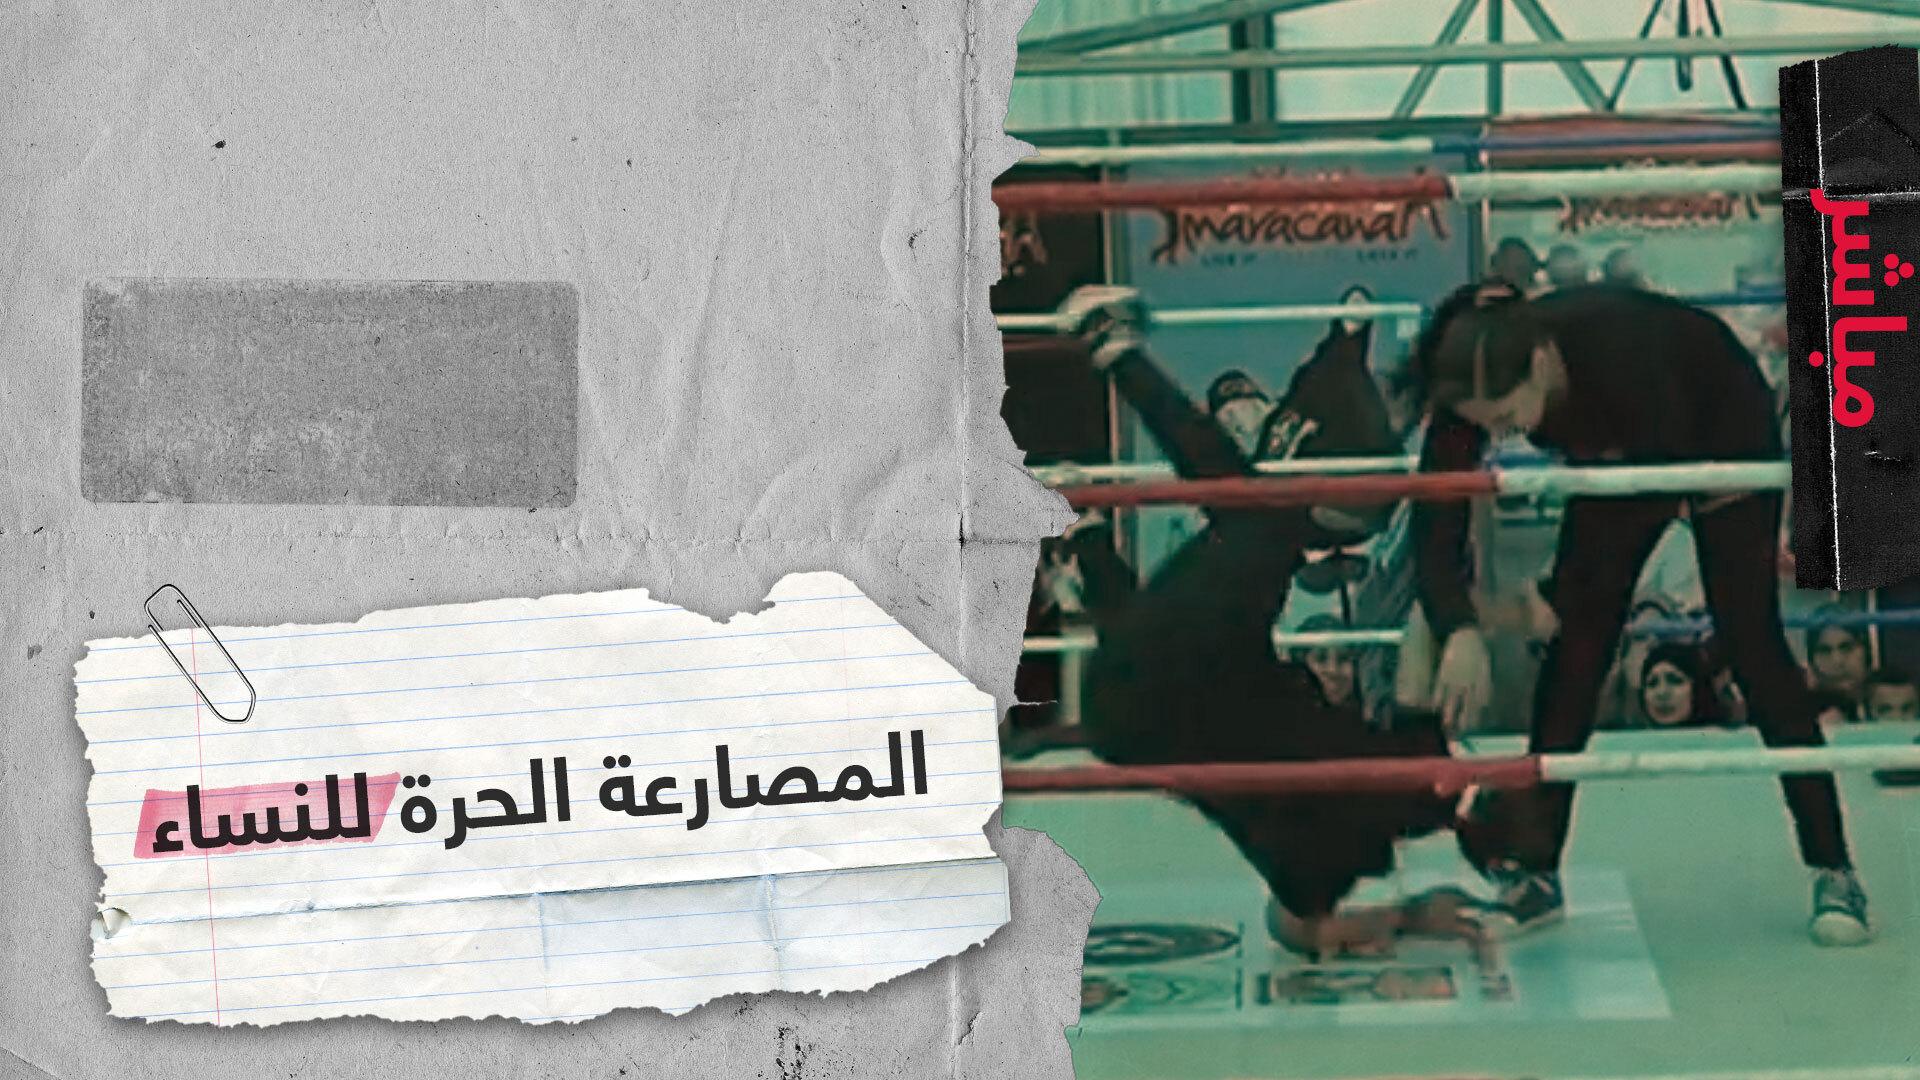 المصارعة الحرة للنساء أيضا.. مصريات  يدخلن عالما ظل حكرا على الرجال